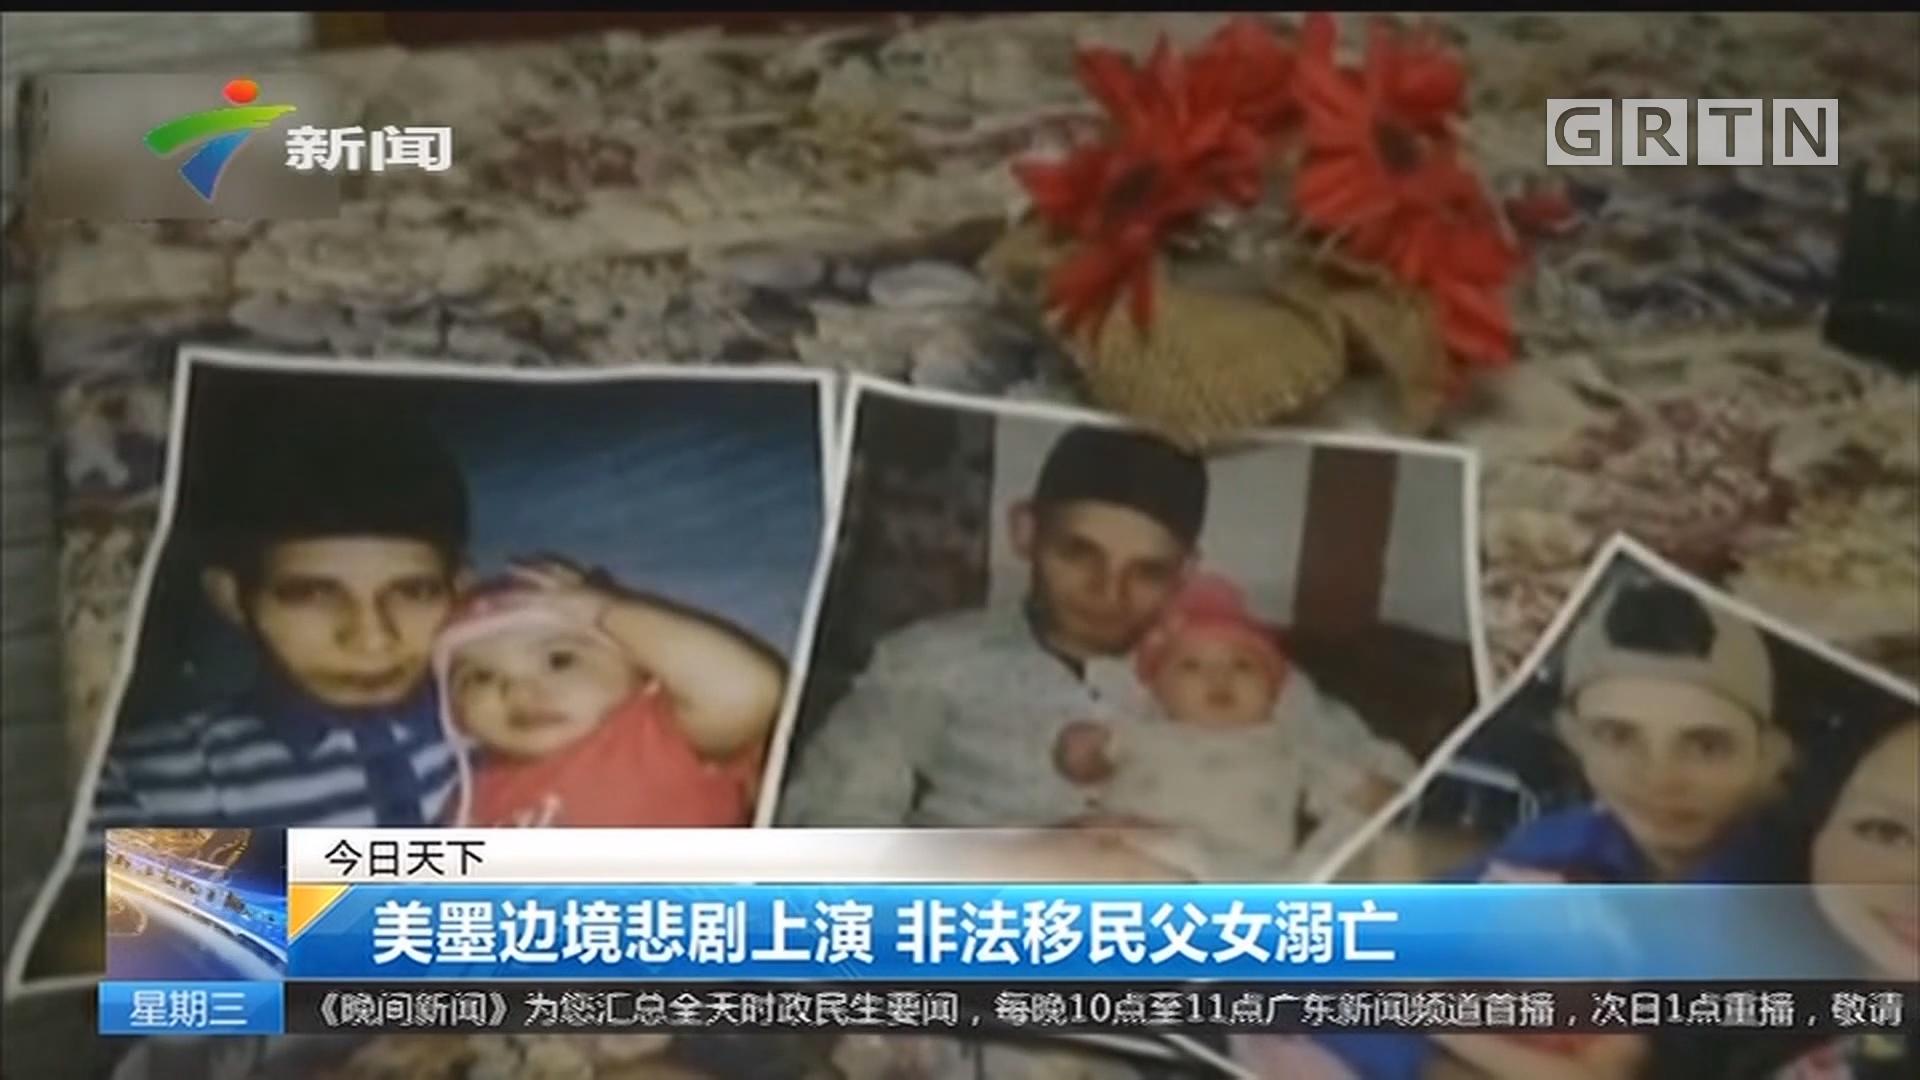 美墨边境悲剧上演 非法移民父女溺亡